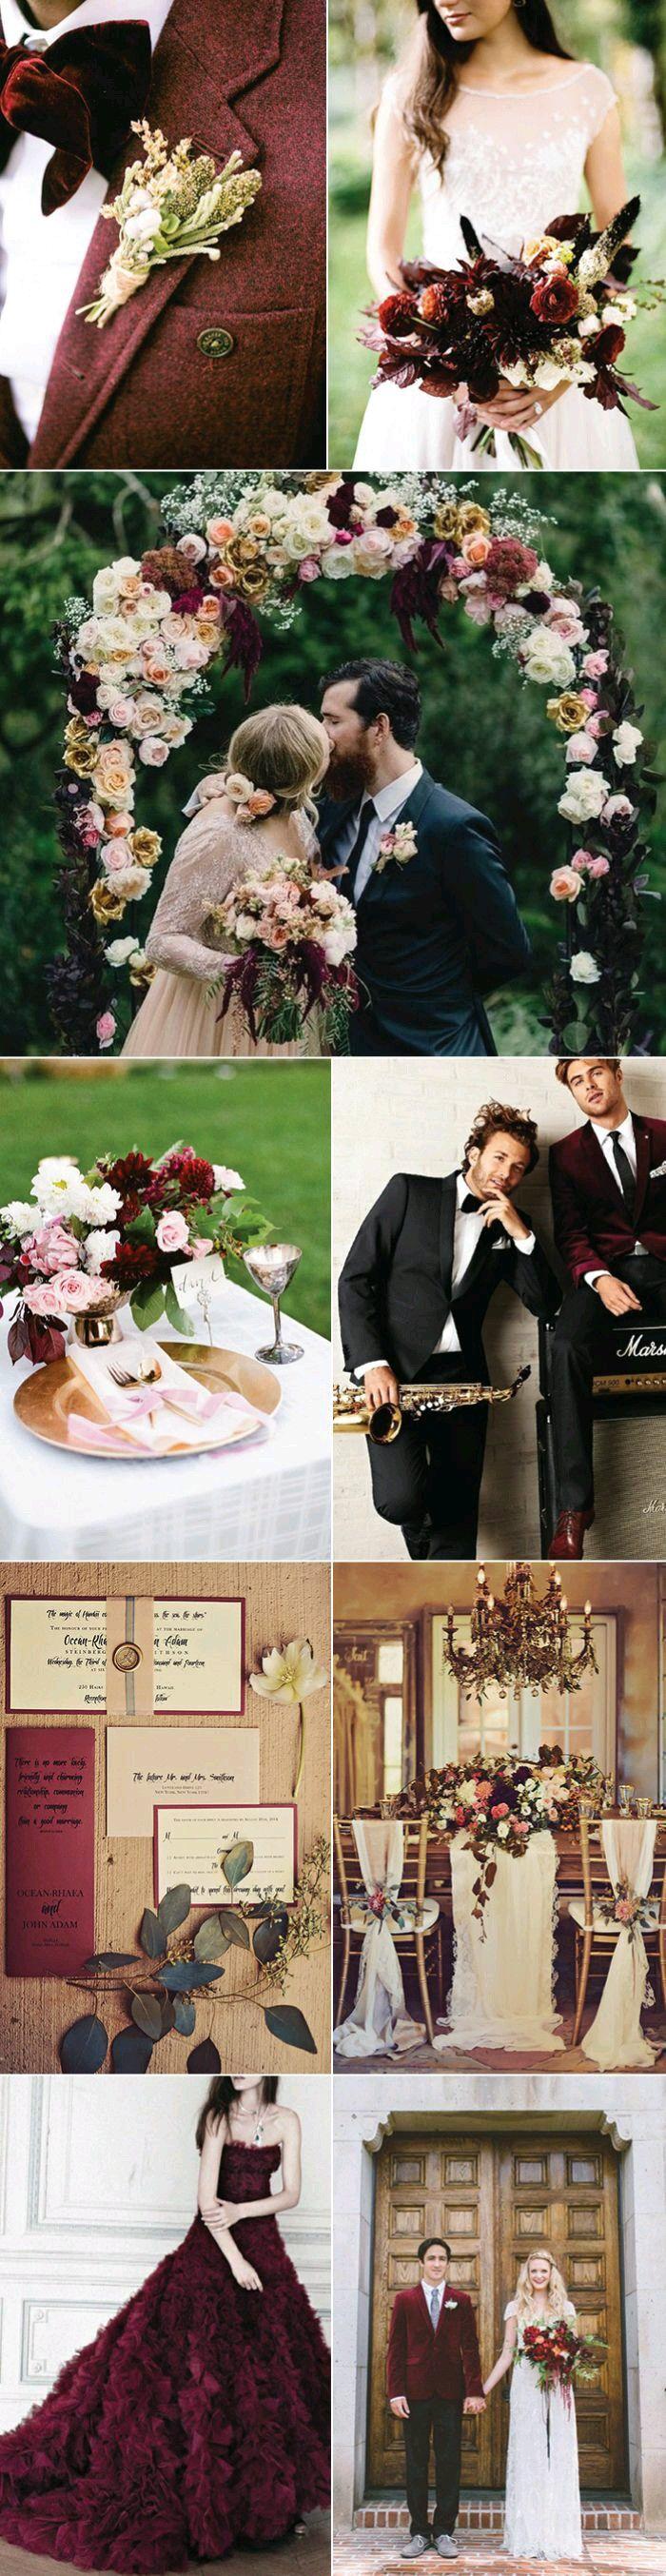 Very nice wedding color theme